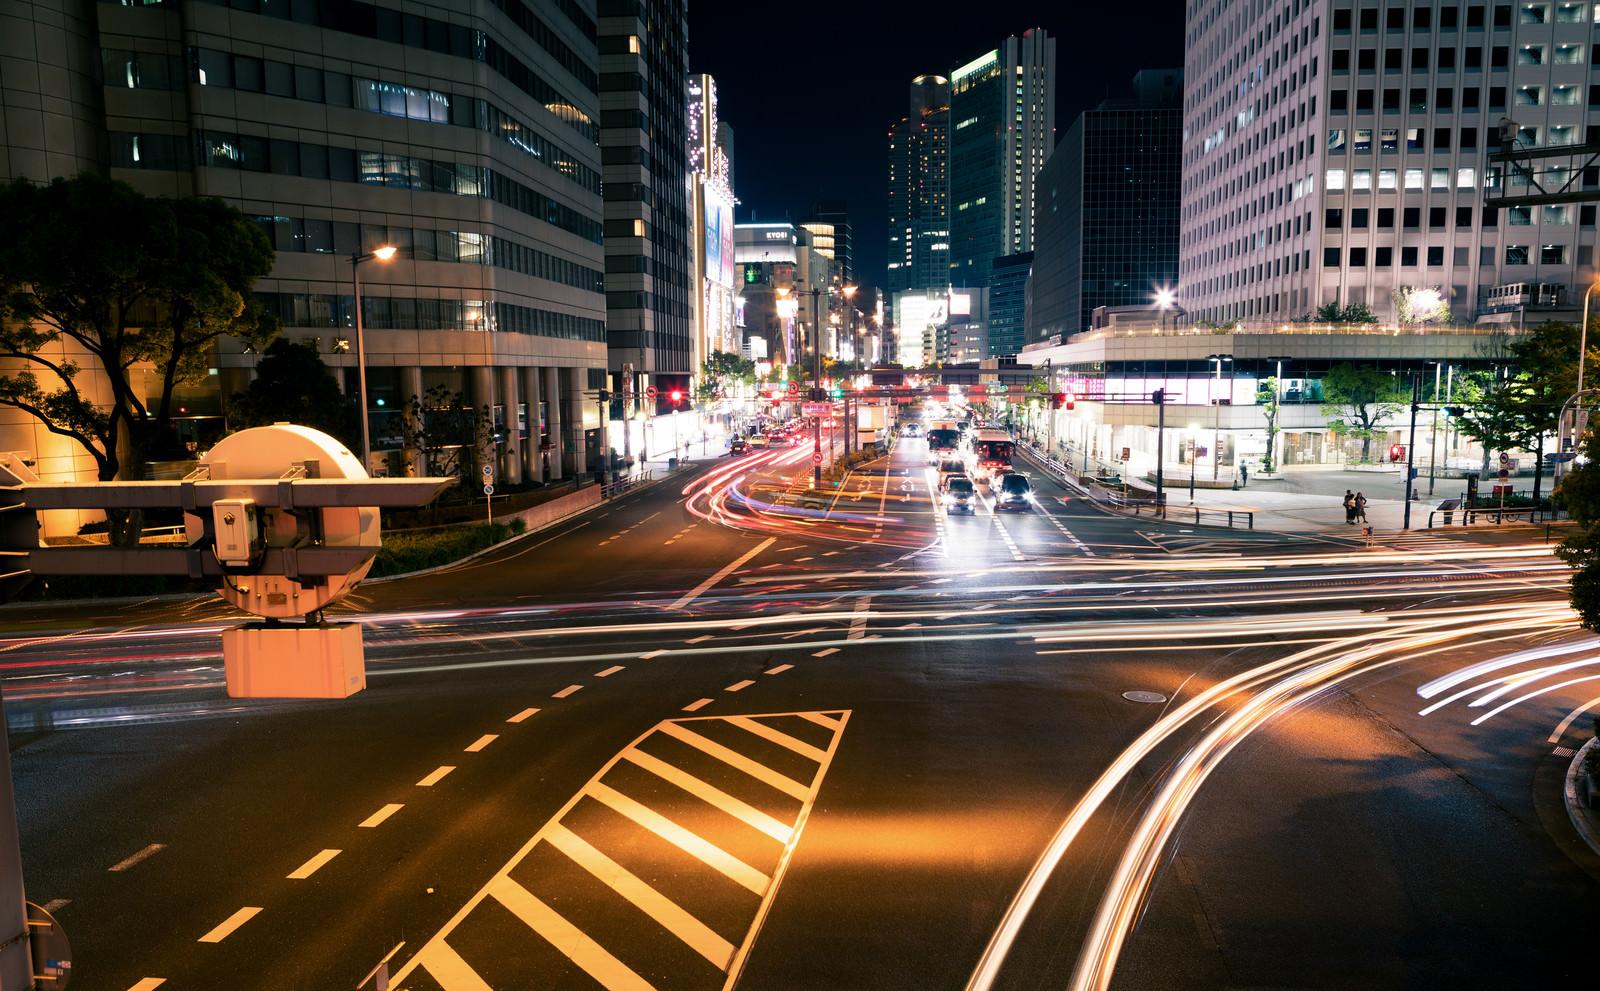 「夜の交差点を行き交う車の光跡 | 写真の無料素材・フリー素材 - ぱくたそ」の写真